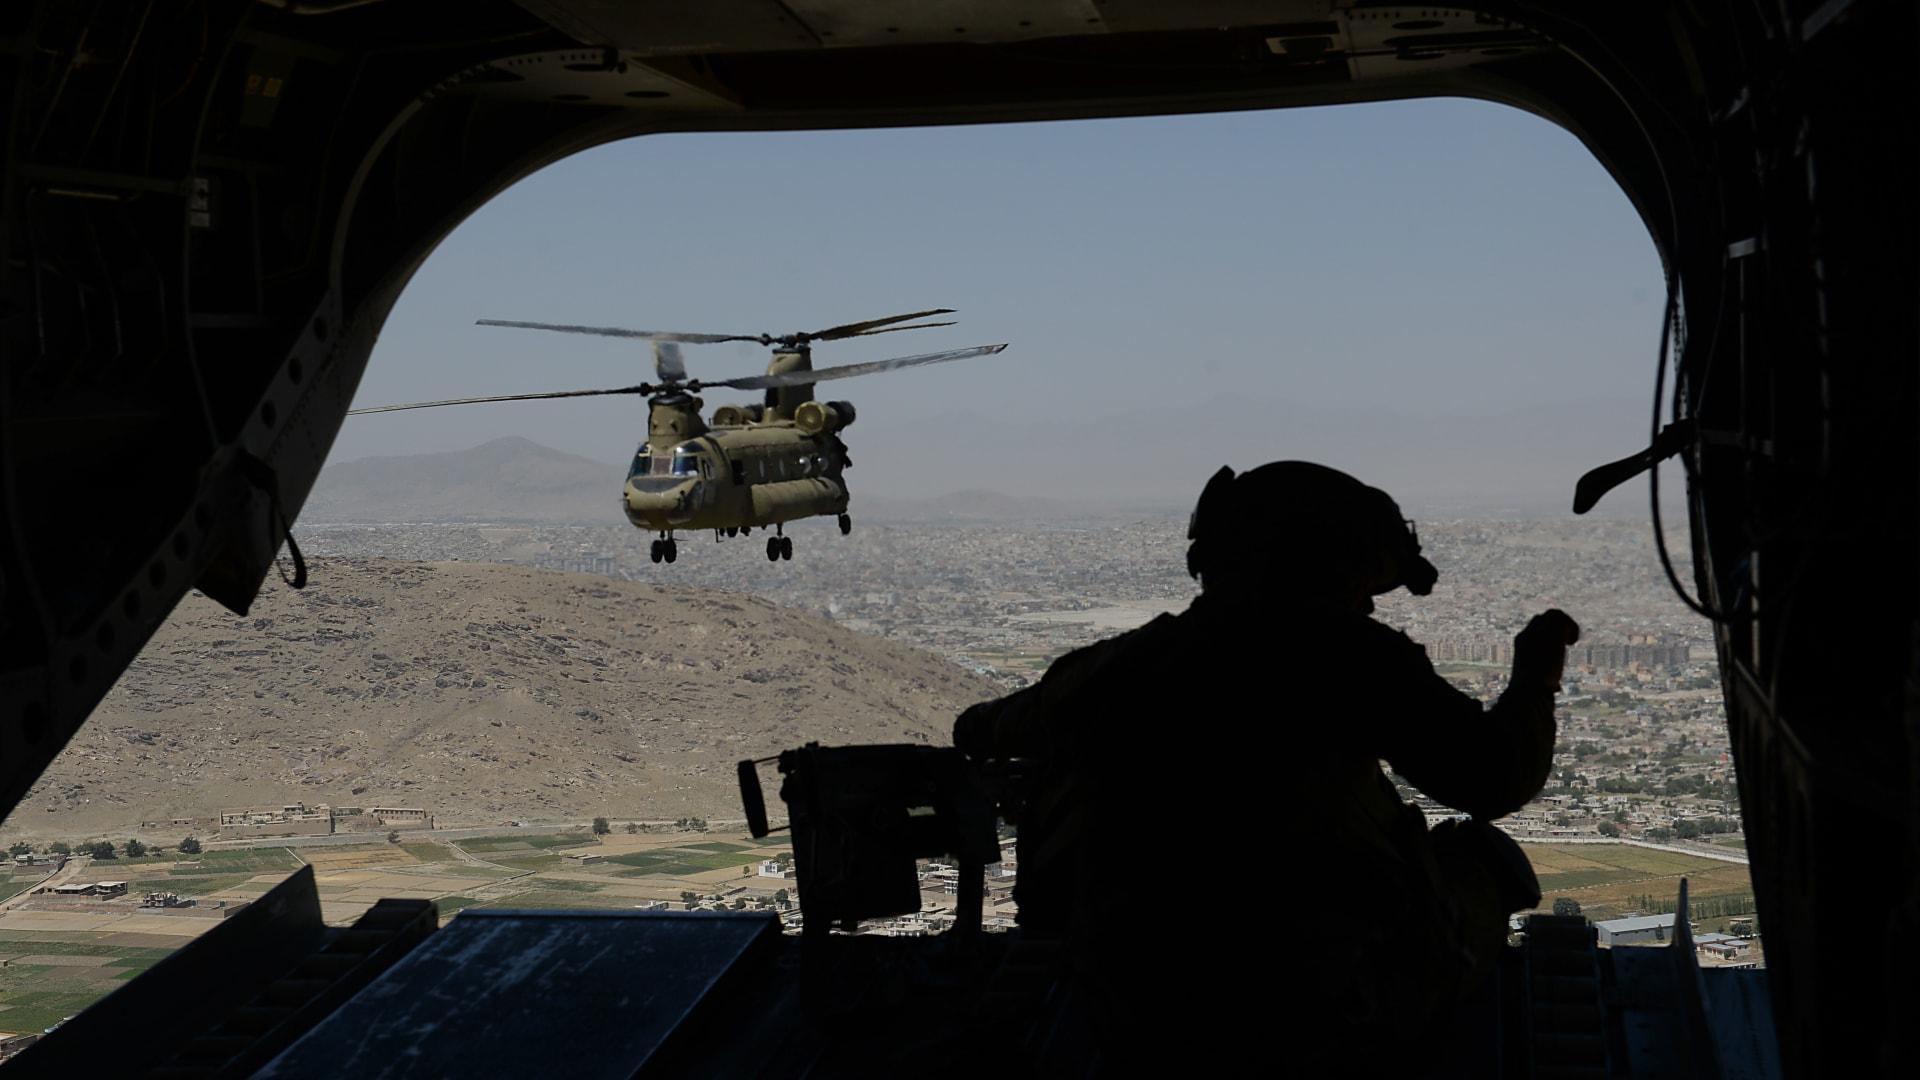 قوات أمريكية خاصة تقتل 7 من القاعدة بعملية برية في اليمن لجمع معلومات